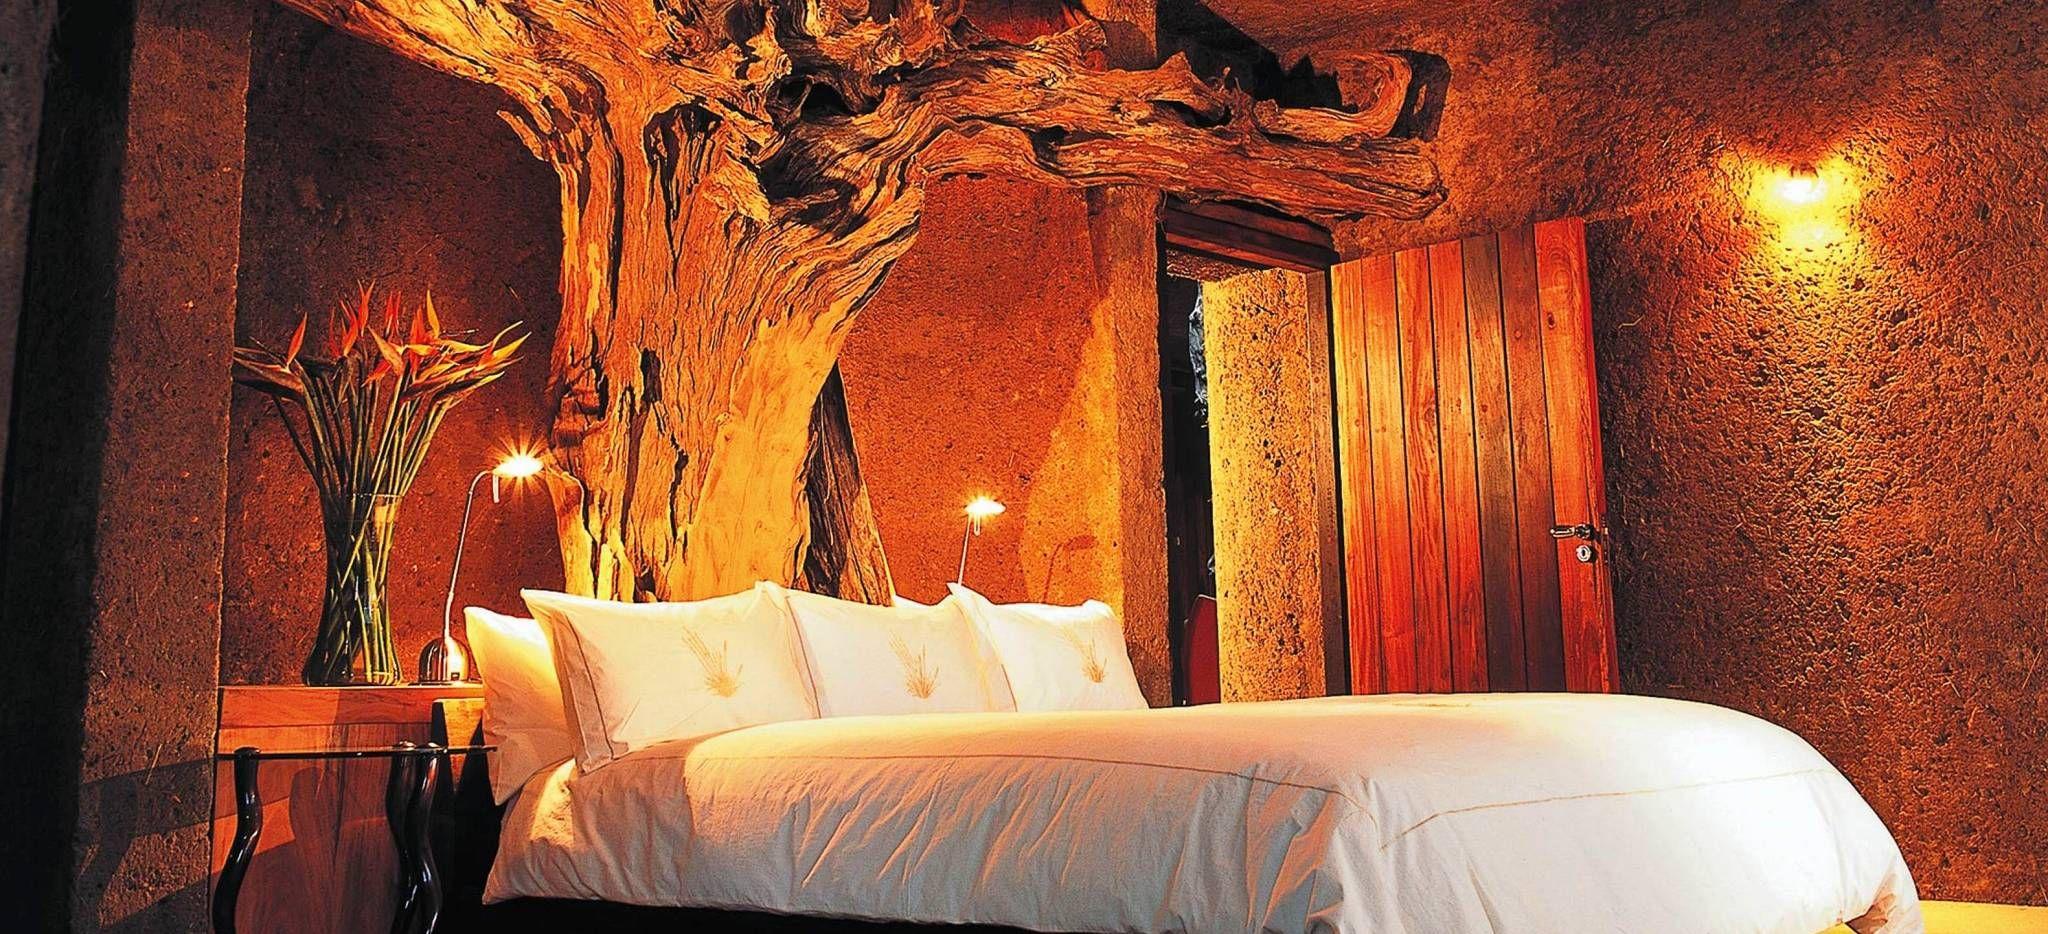 Bett mit eingebautem Holzstamm am Kopfende, das Hotelzimmer Amber Suite im Hotel Earth Lodge